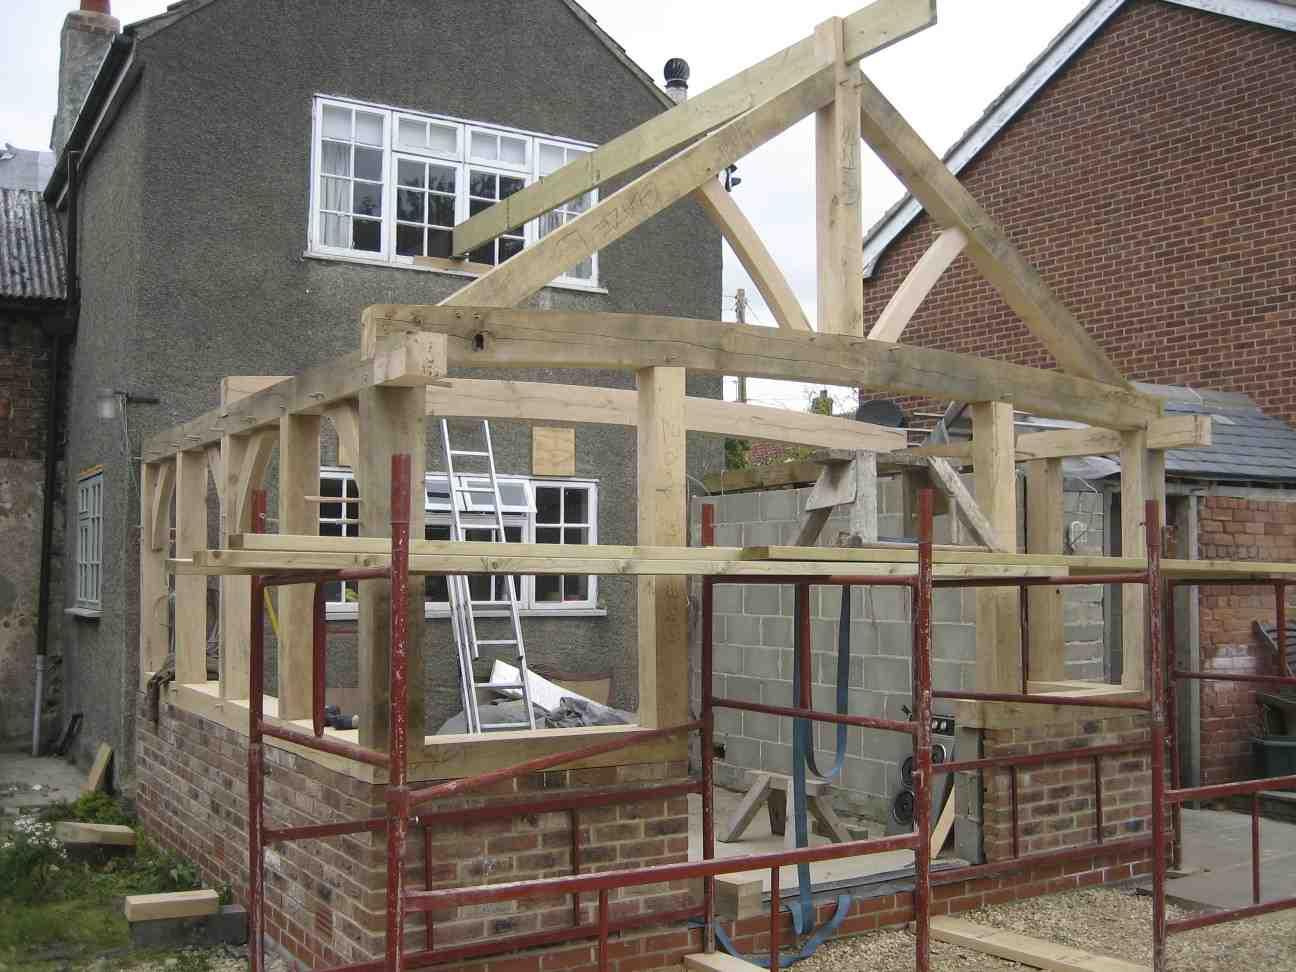 Веранда своими руками из дерева - пошагово: конструкция из бруса для кирпичного дома и деревянной избы, проекты брусового строения с верандой